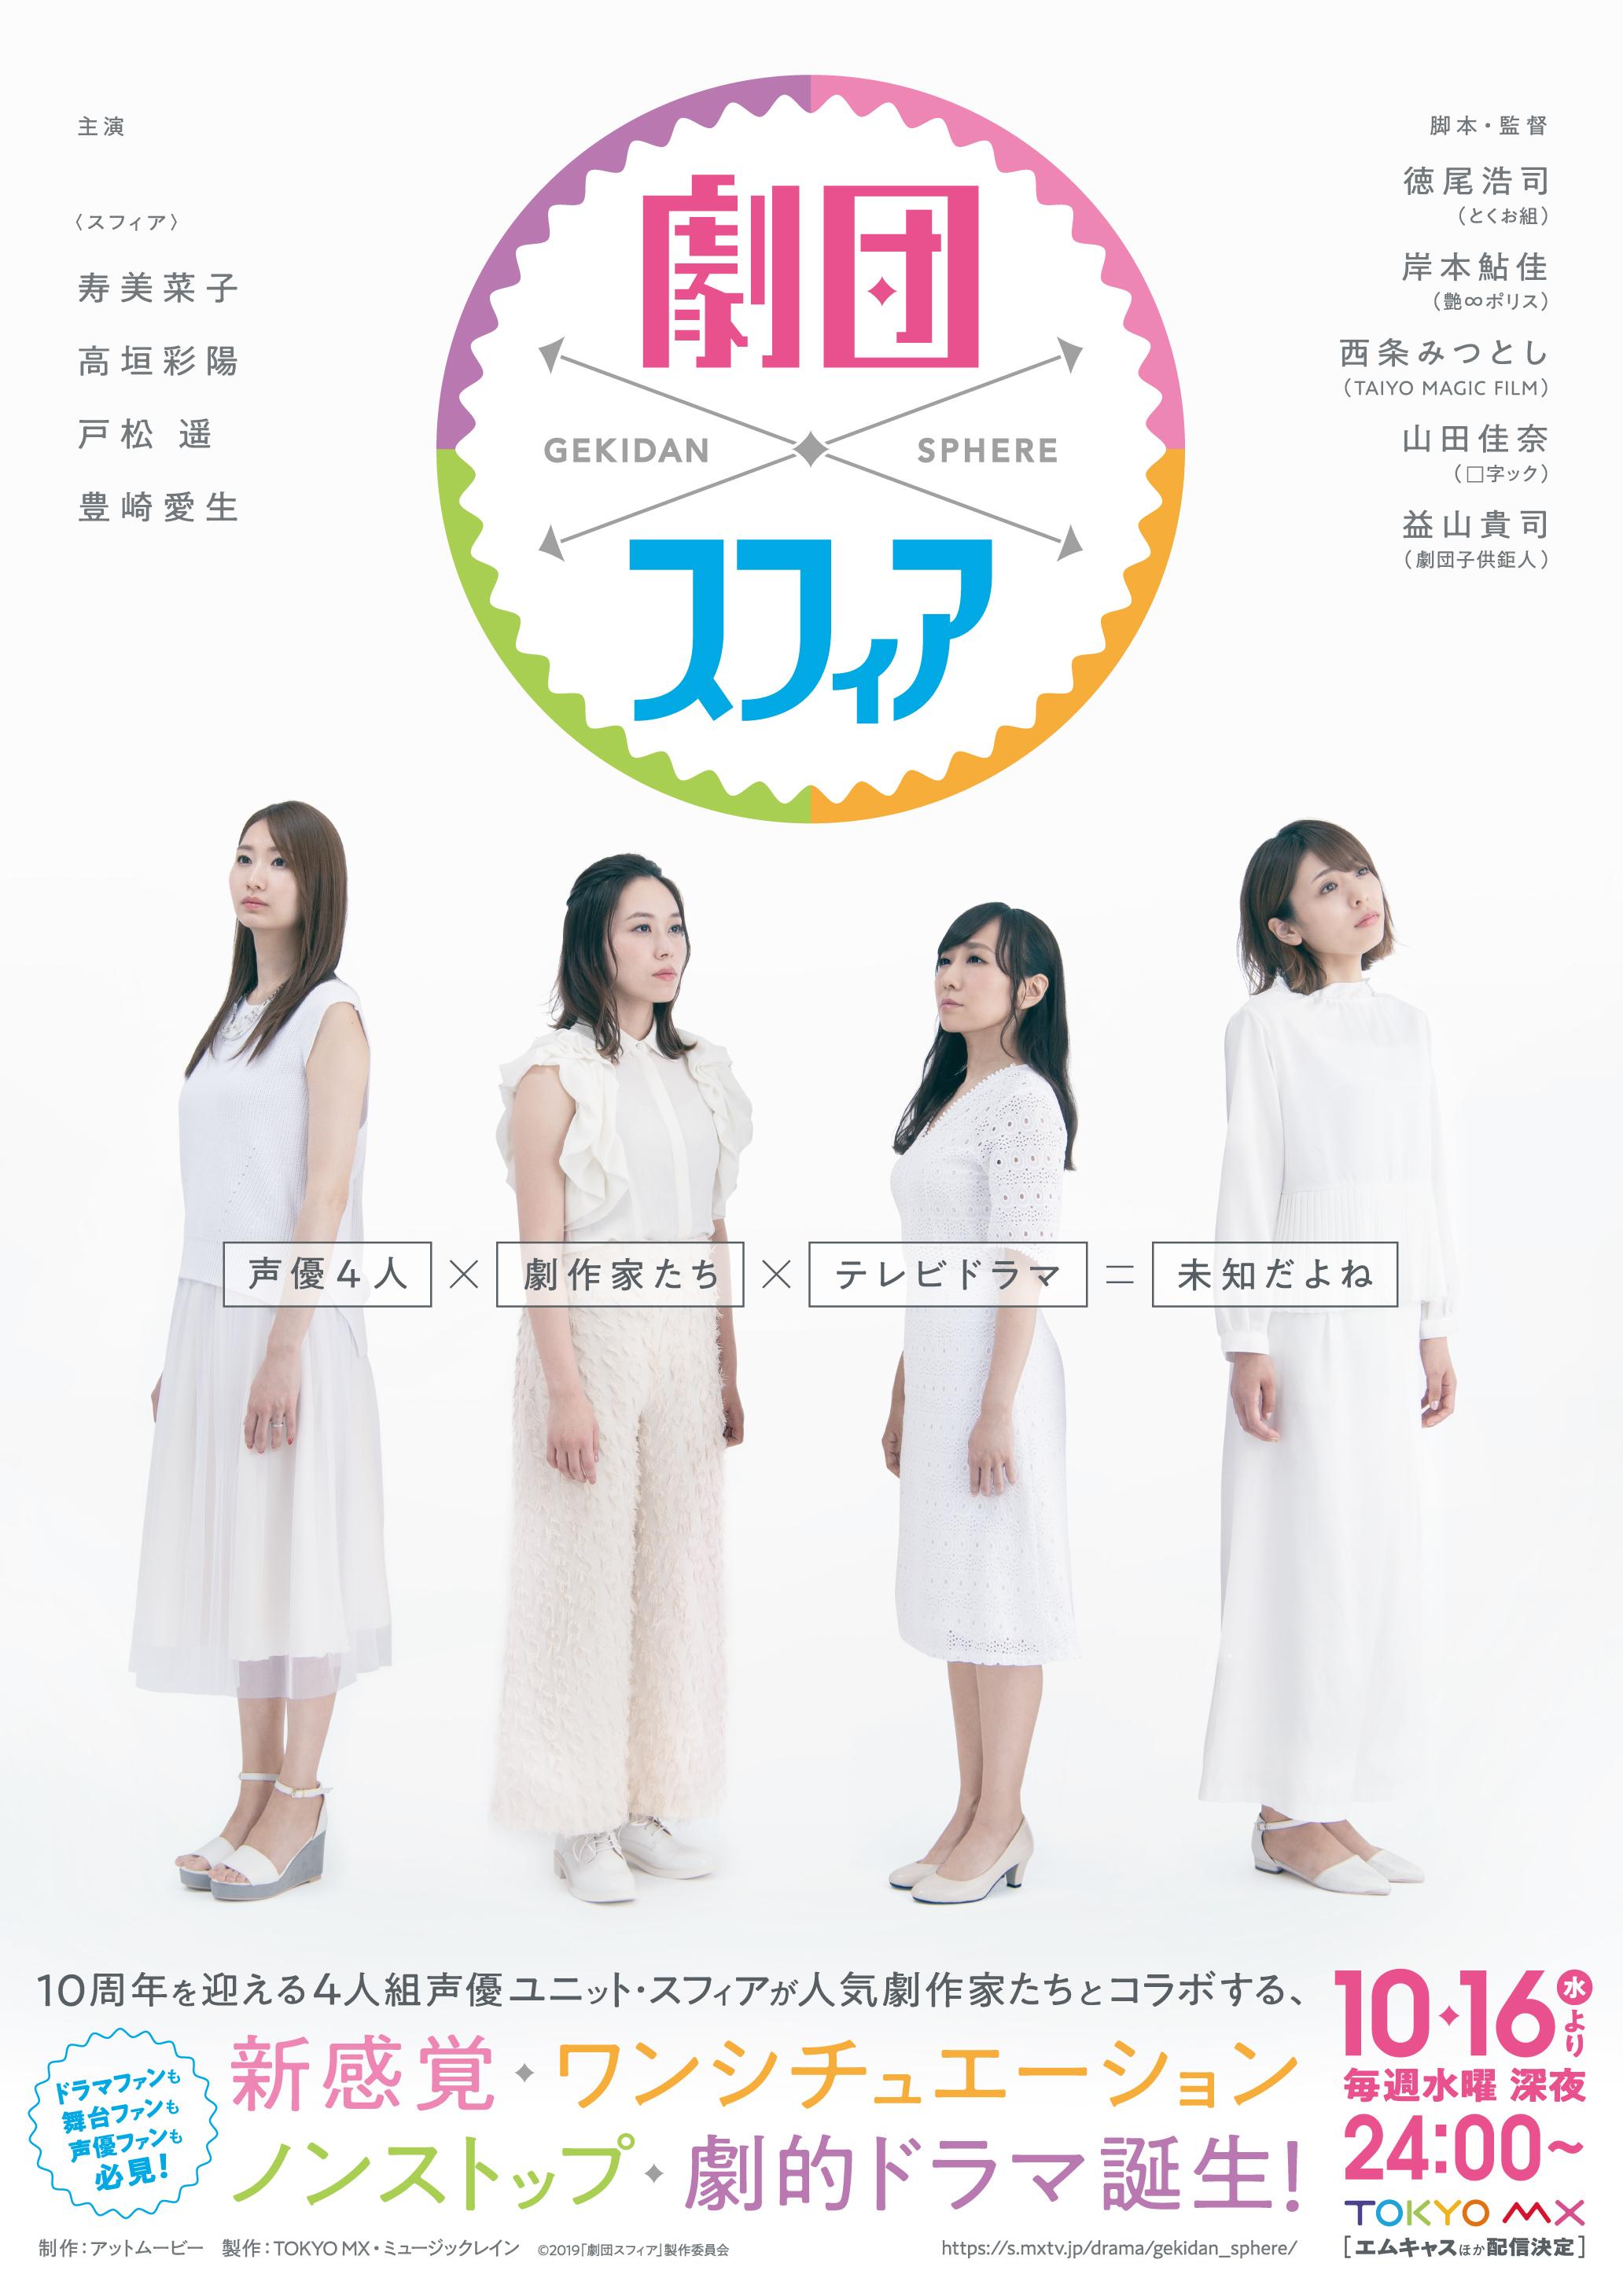 『劇団スフィア』キービジュアル (C)2019「劇団スフィア」製作委員会